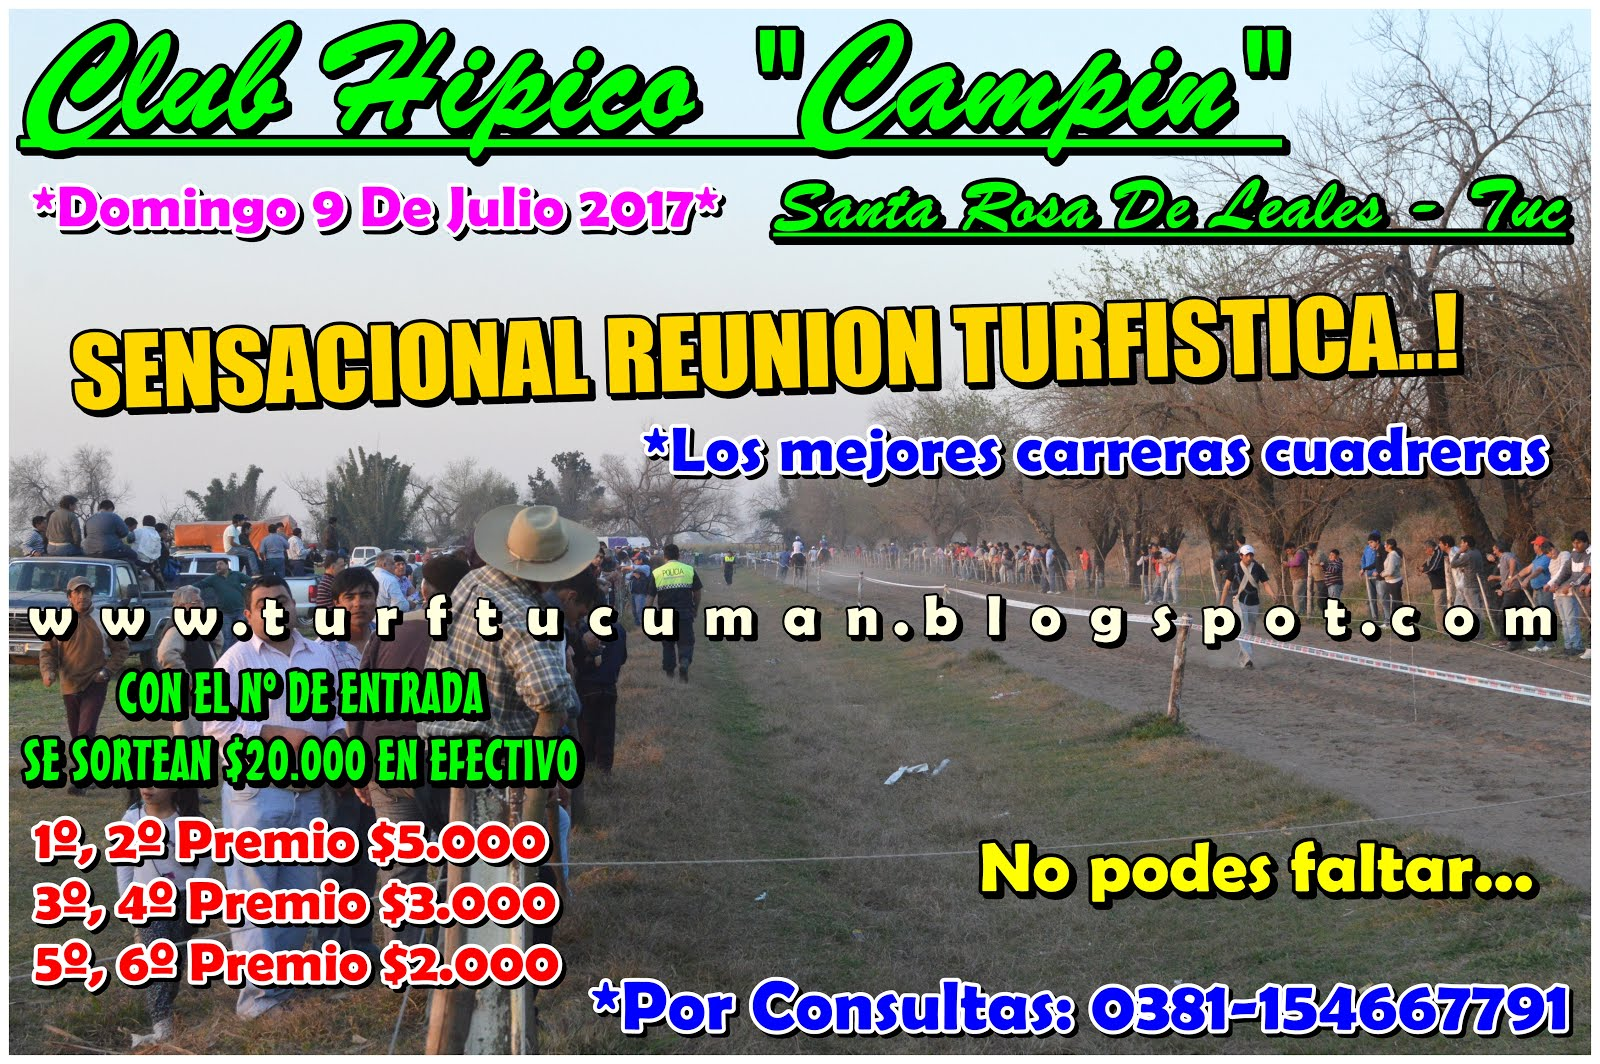 CAMPIN 9 DE JULIO